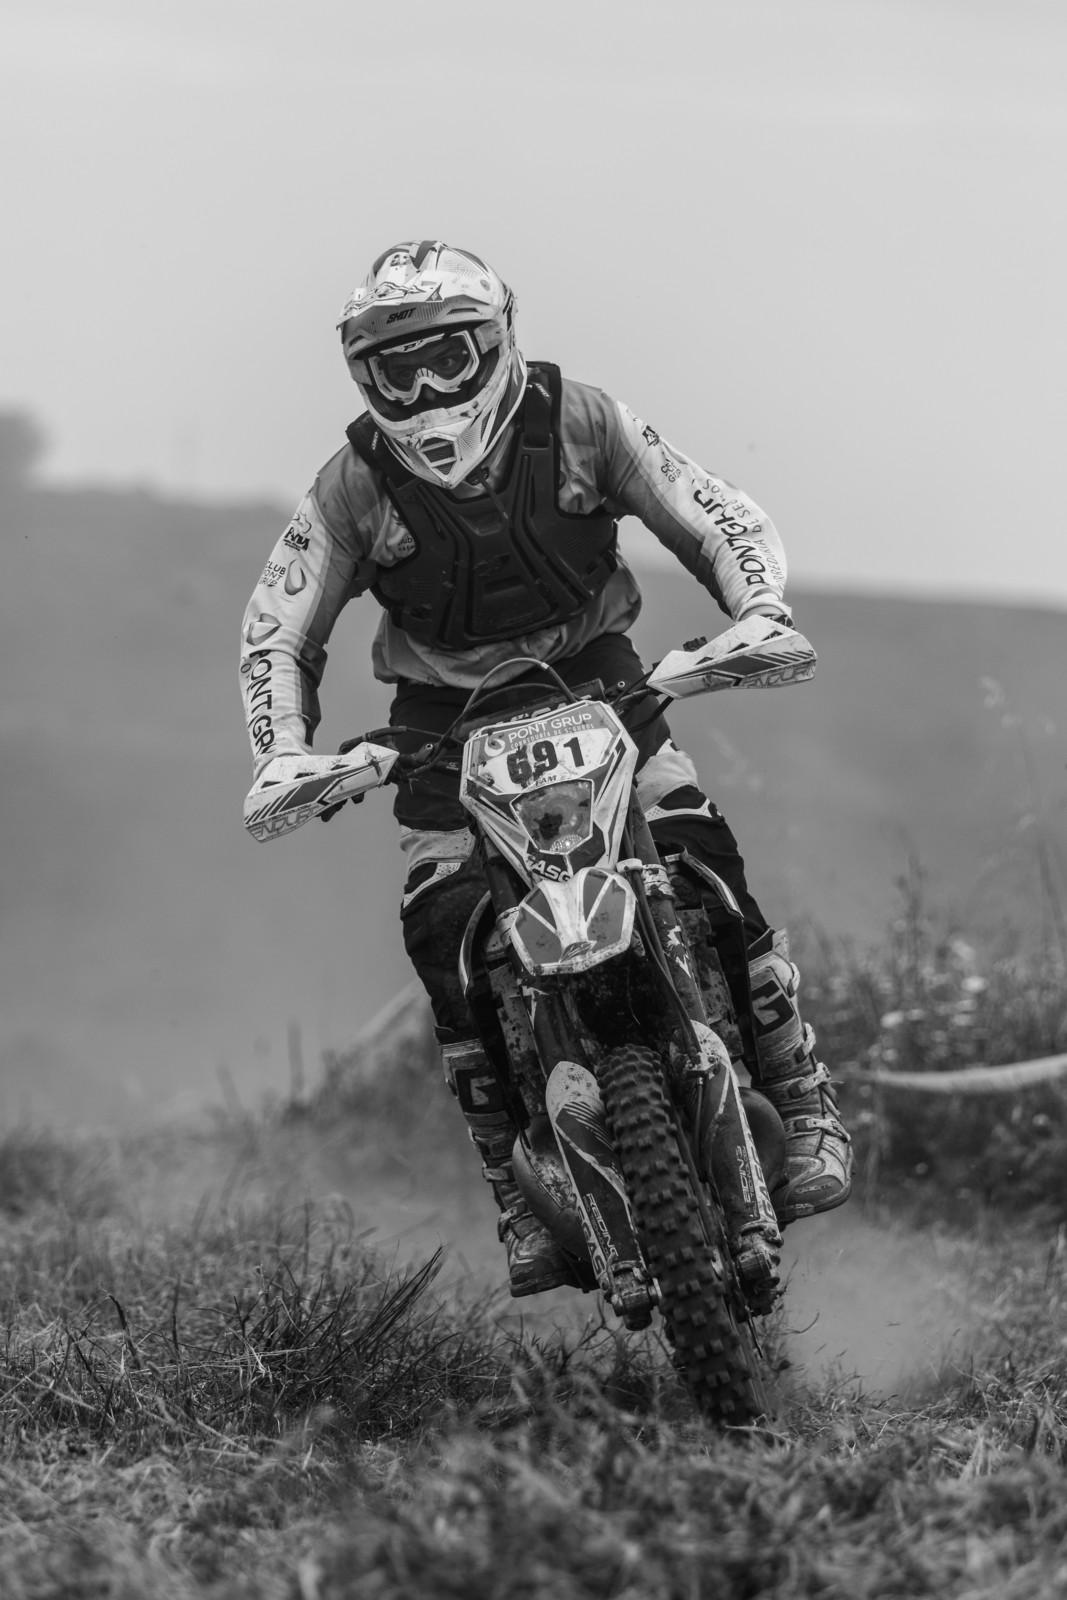 dorsal-691-2-3649 - Berni - Motocross Pictures - Vital MX